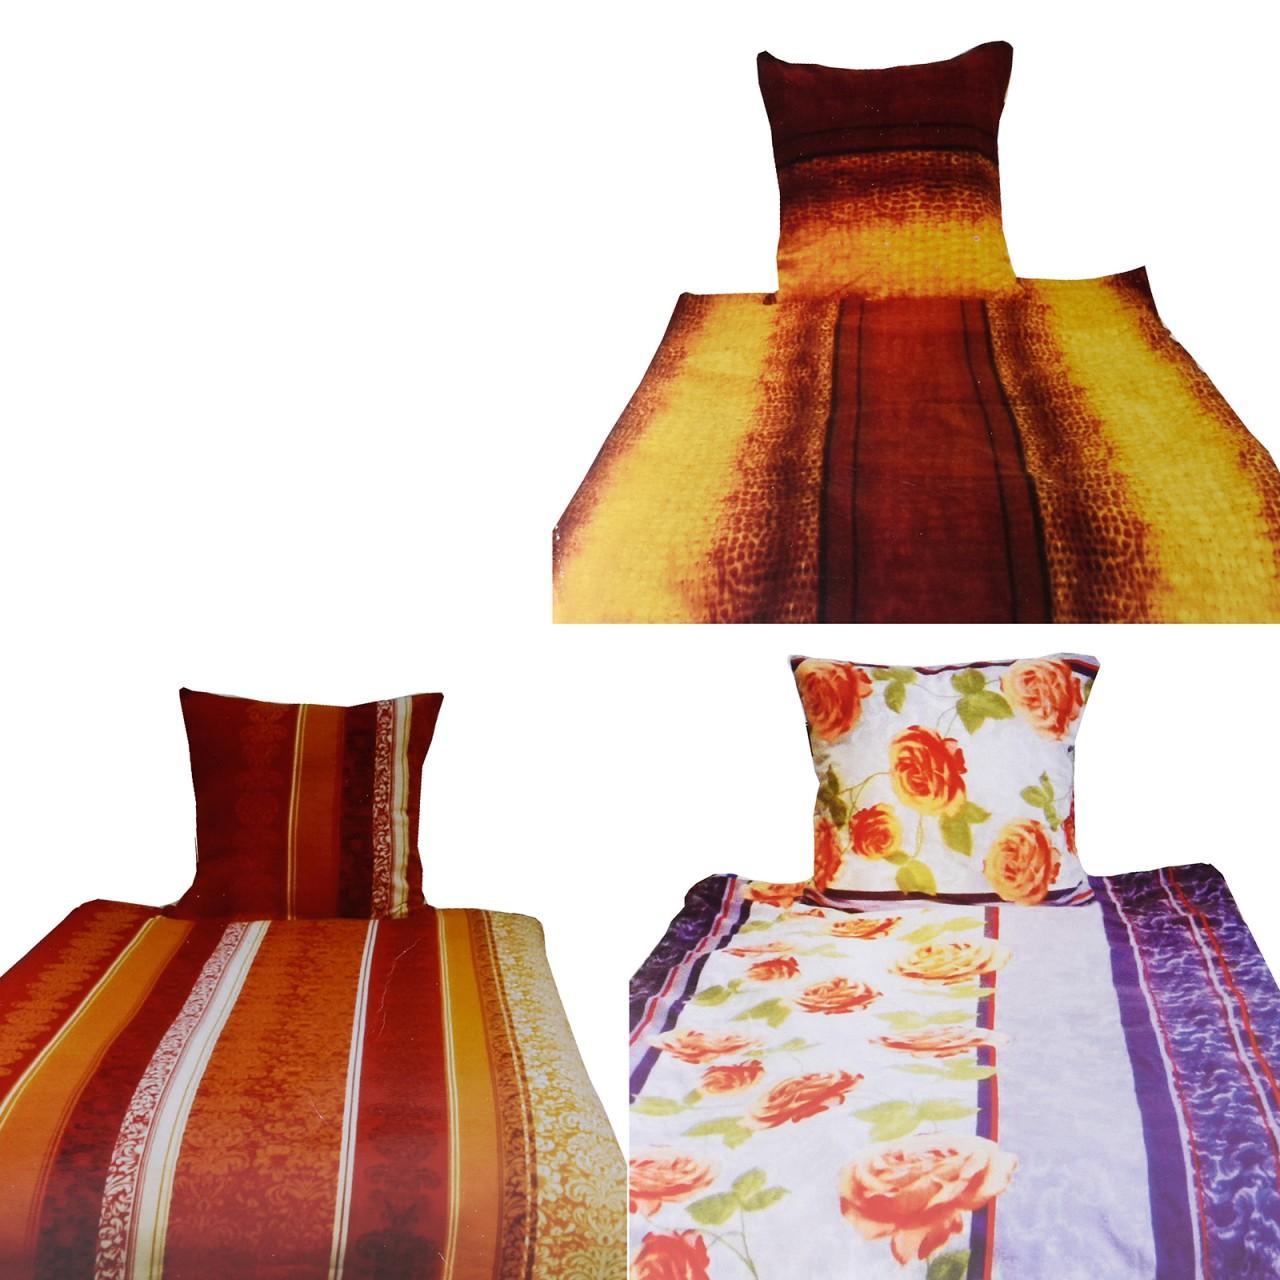 Edle Microfaser Fleece Bettwäsche Set, 4-teilig, verschiedene Designs